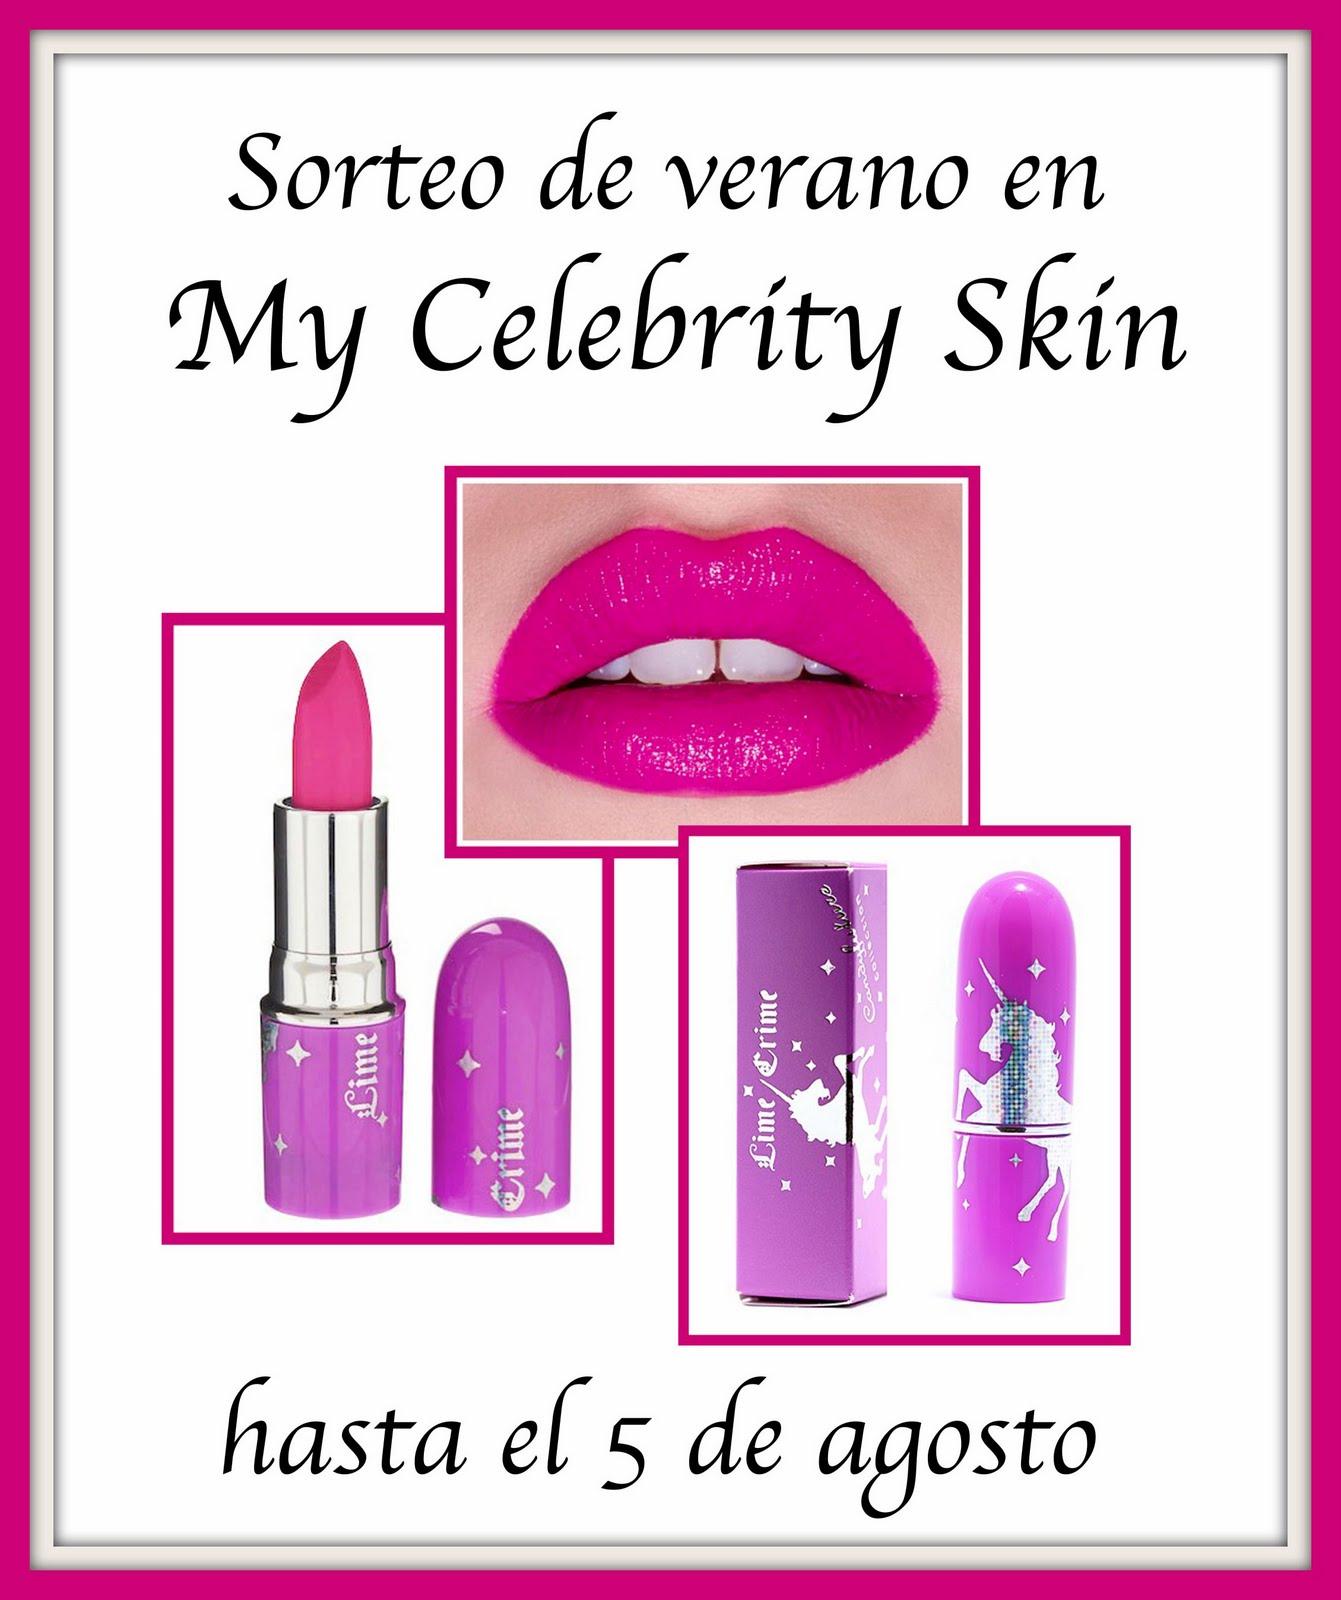 Sorteo My Celebrity Skin: